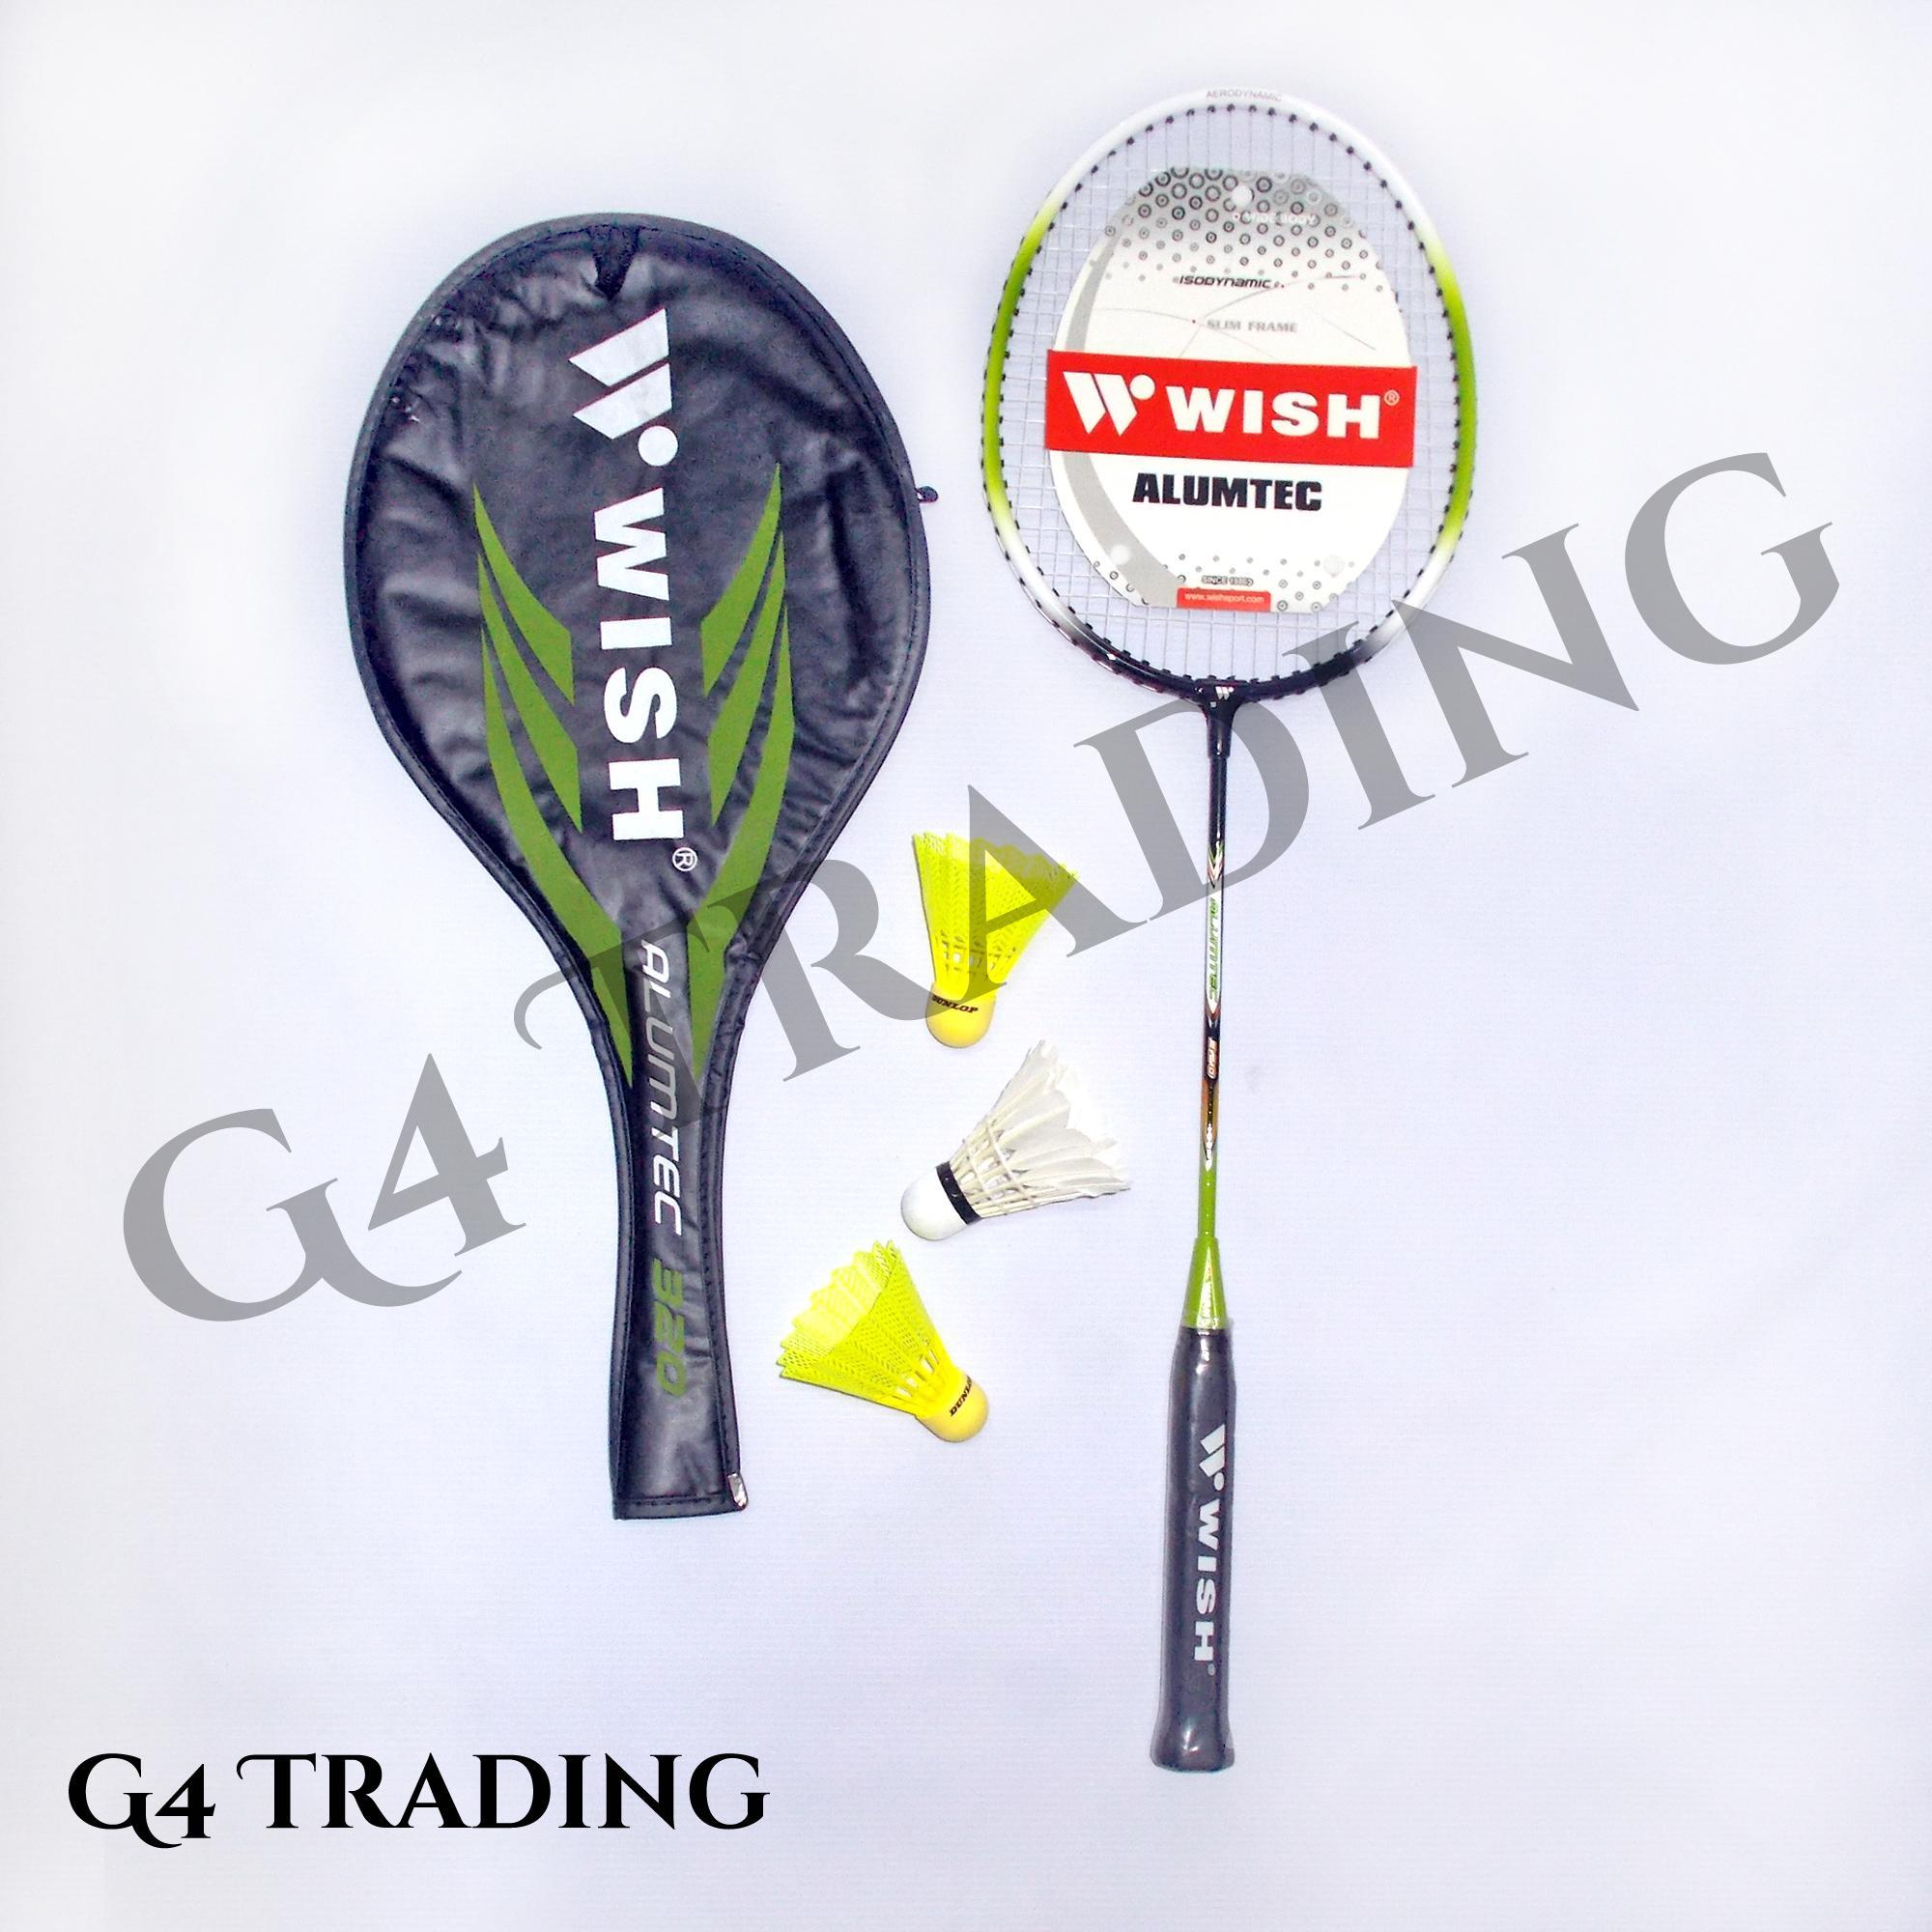 WISH ALUMTEC 320 - SINGLE Badminton Racket